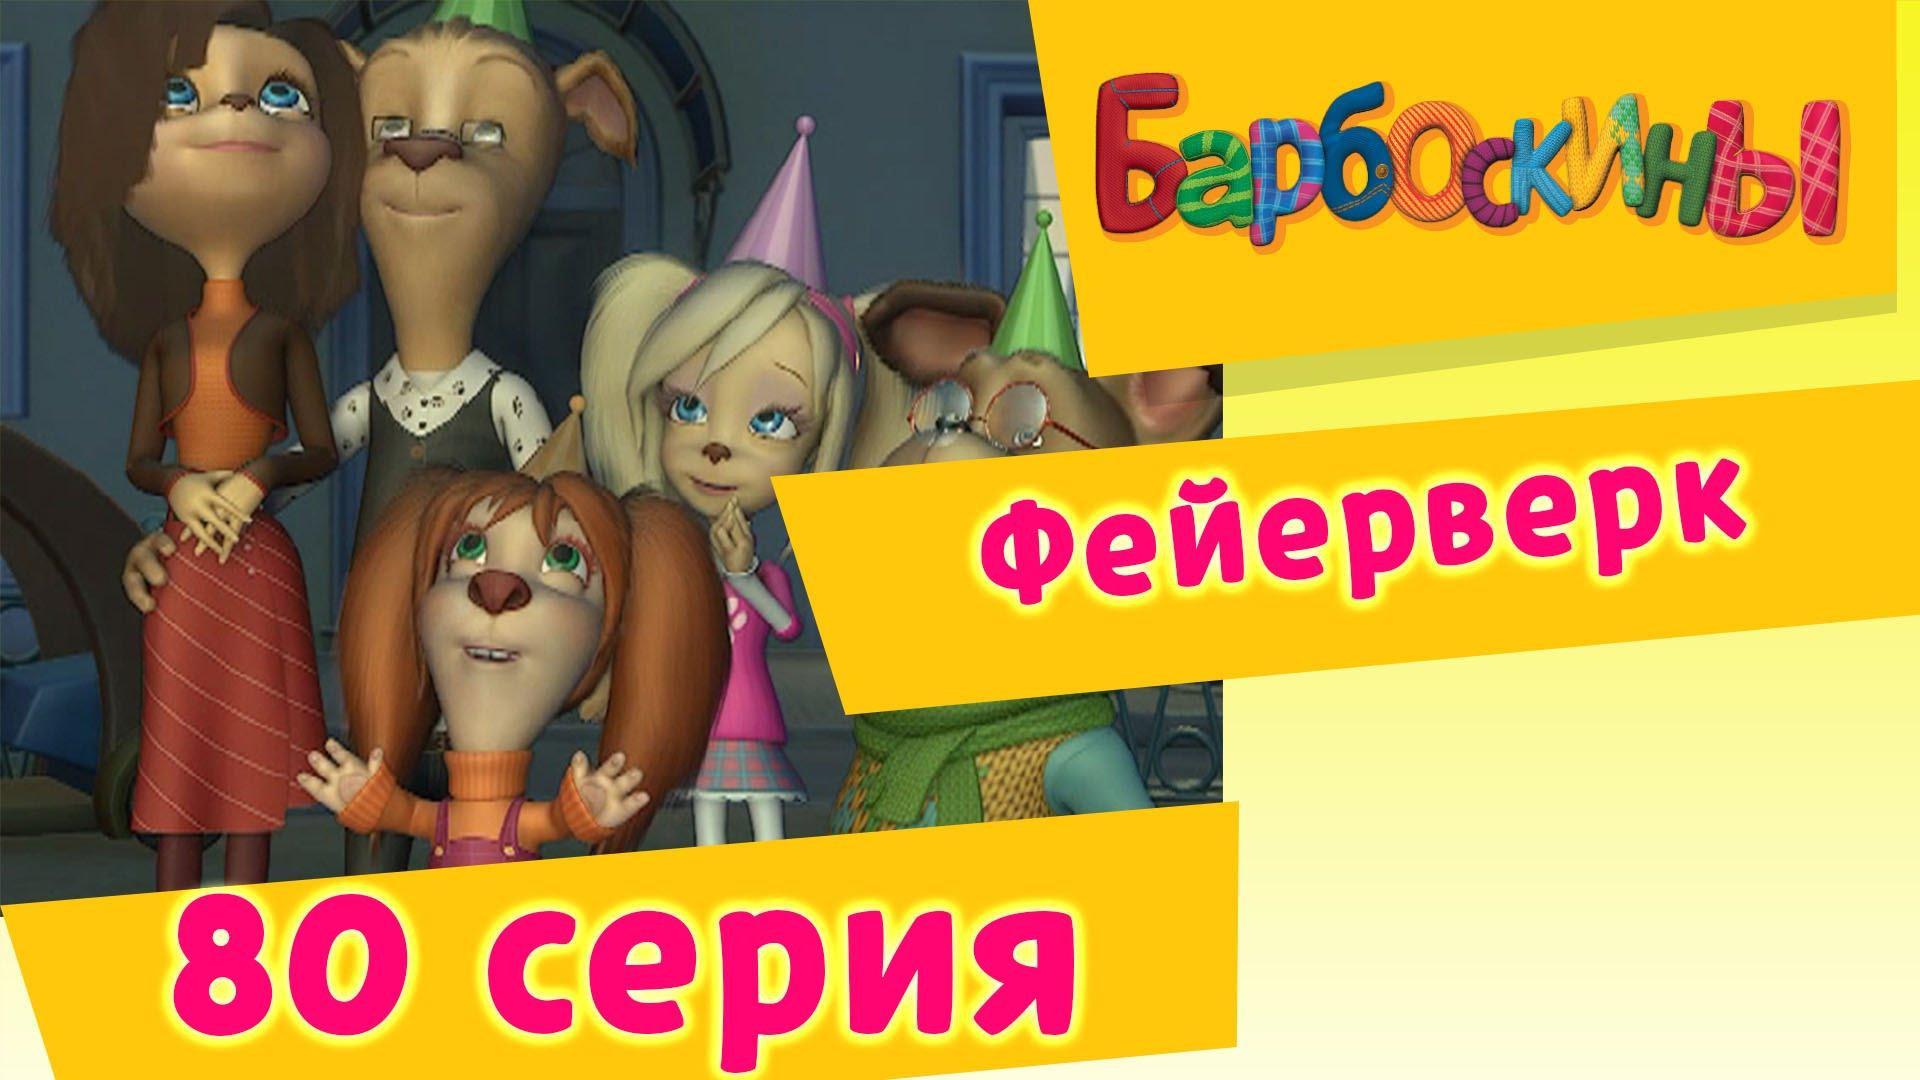 Барбоскины — 80 Серия. Фейерверк